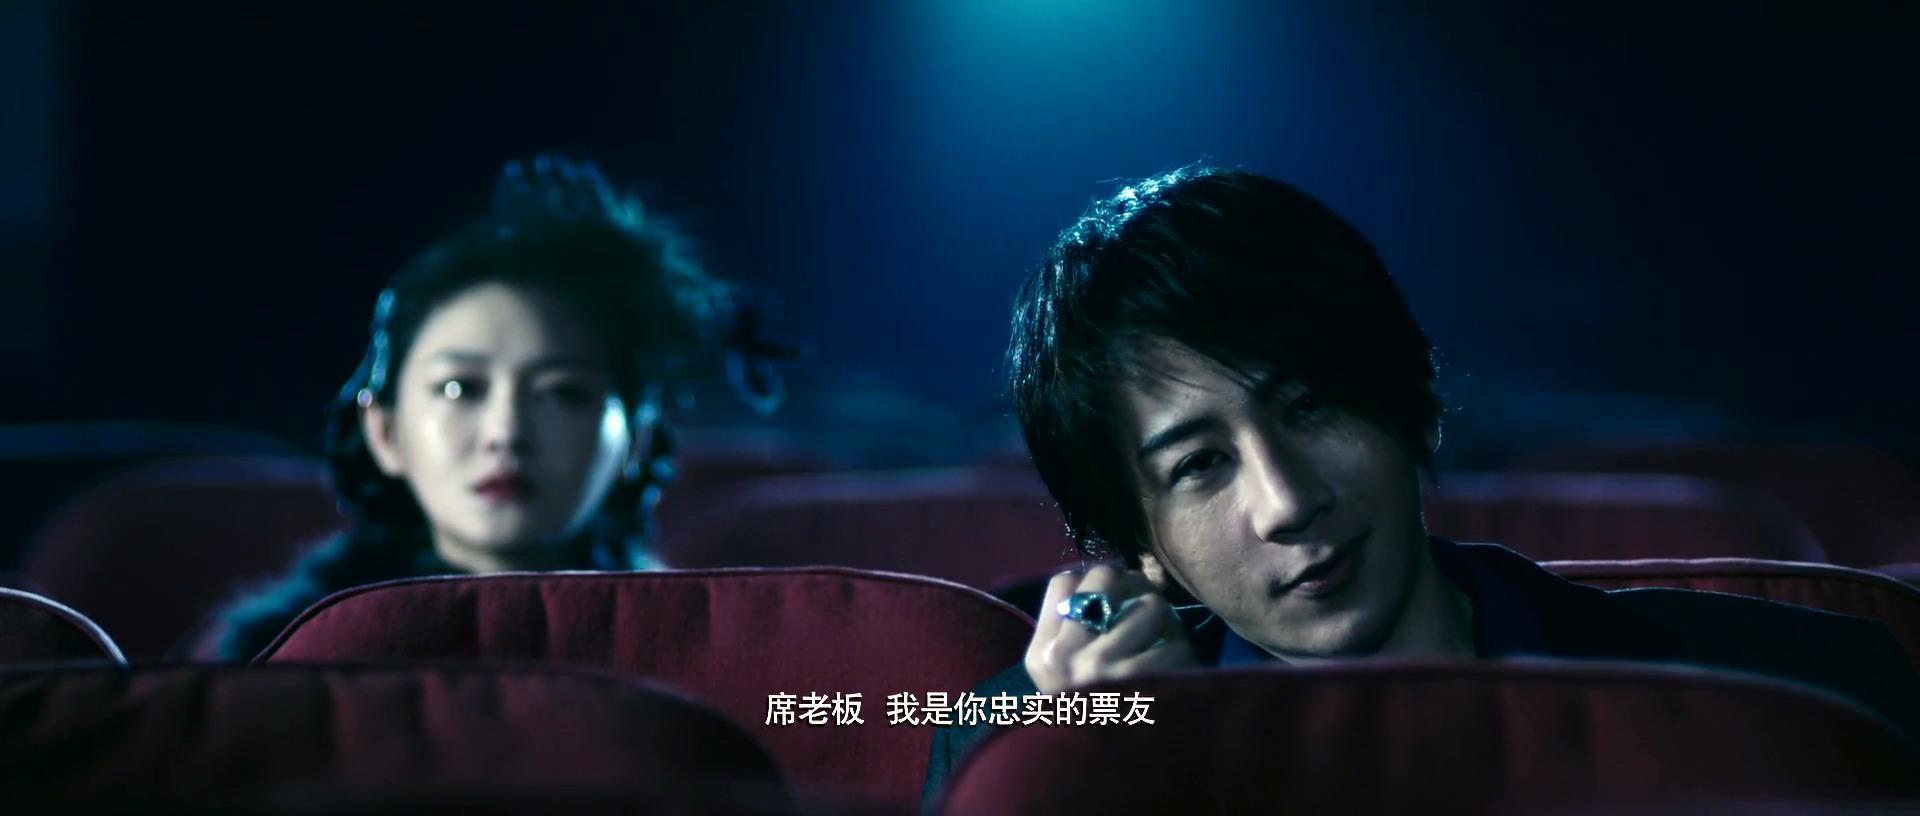 77qe成人吉吉影院_成人影视影院服务于全球华人用户,欧美日韩女电影在线播放